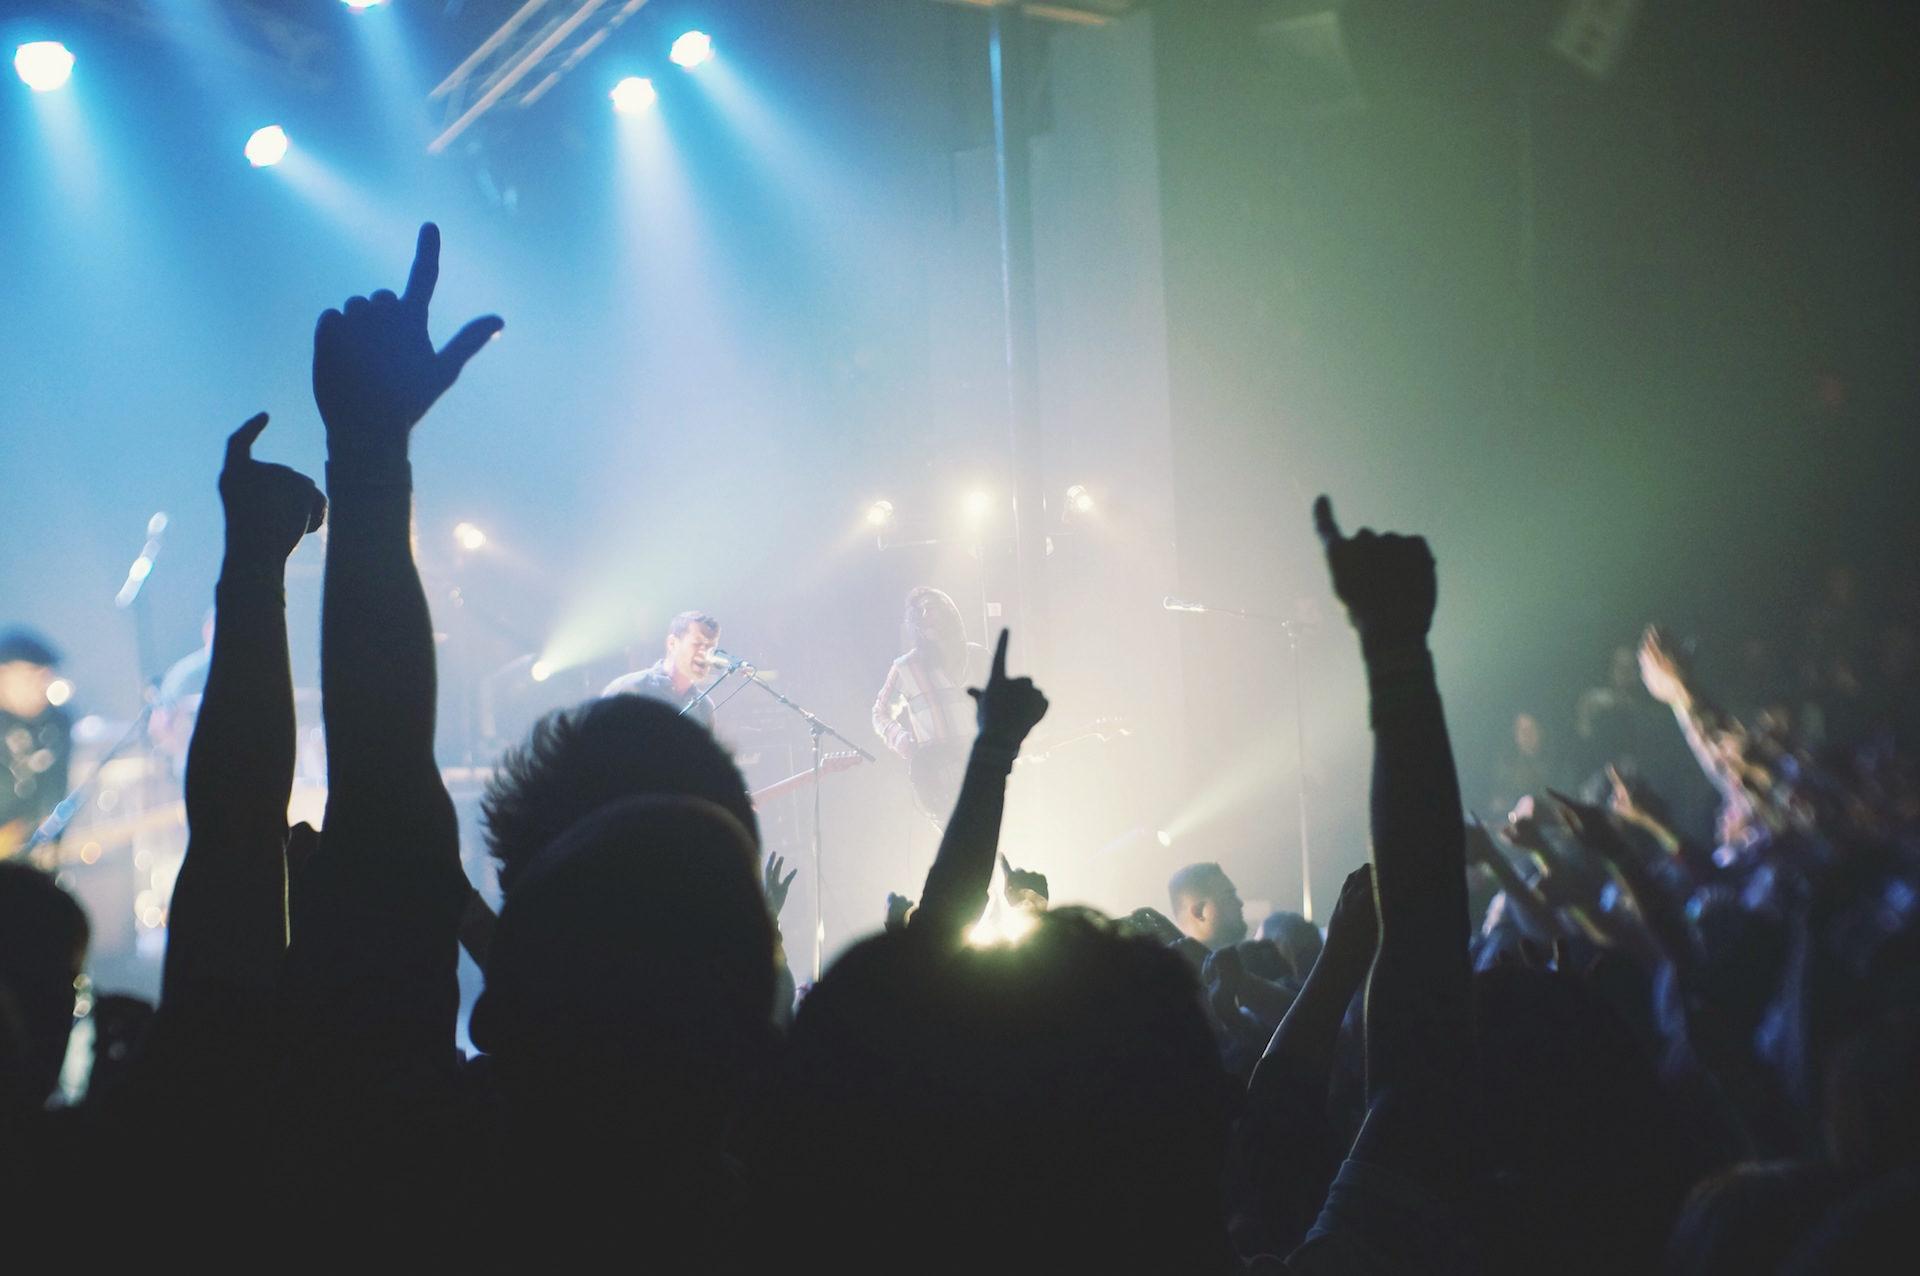 Концерт, Fun, рука, певица, танец - Обои HD - Профессор falken.com